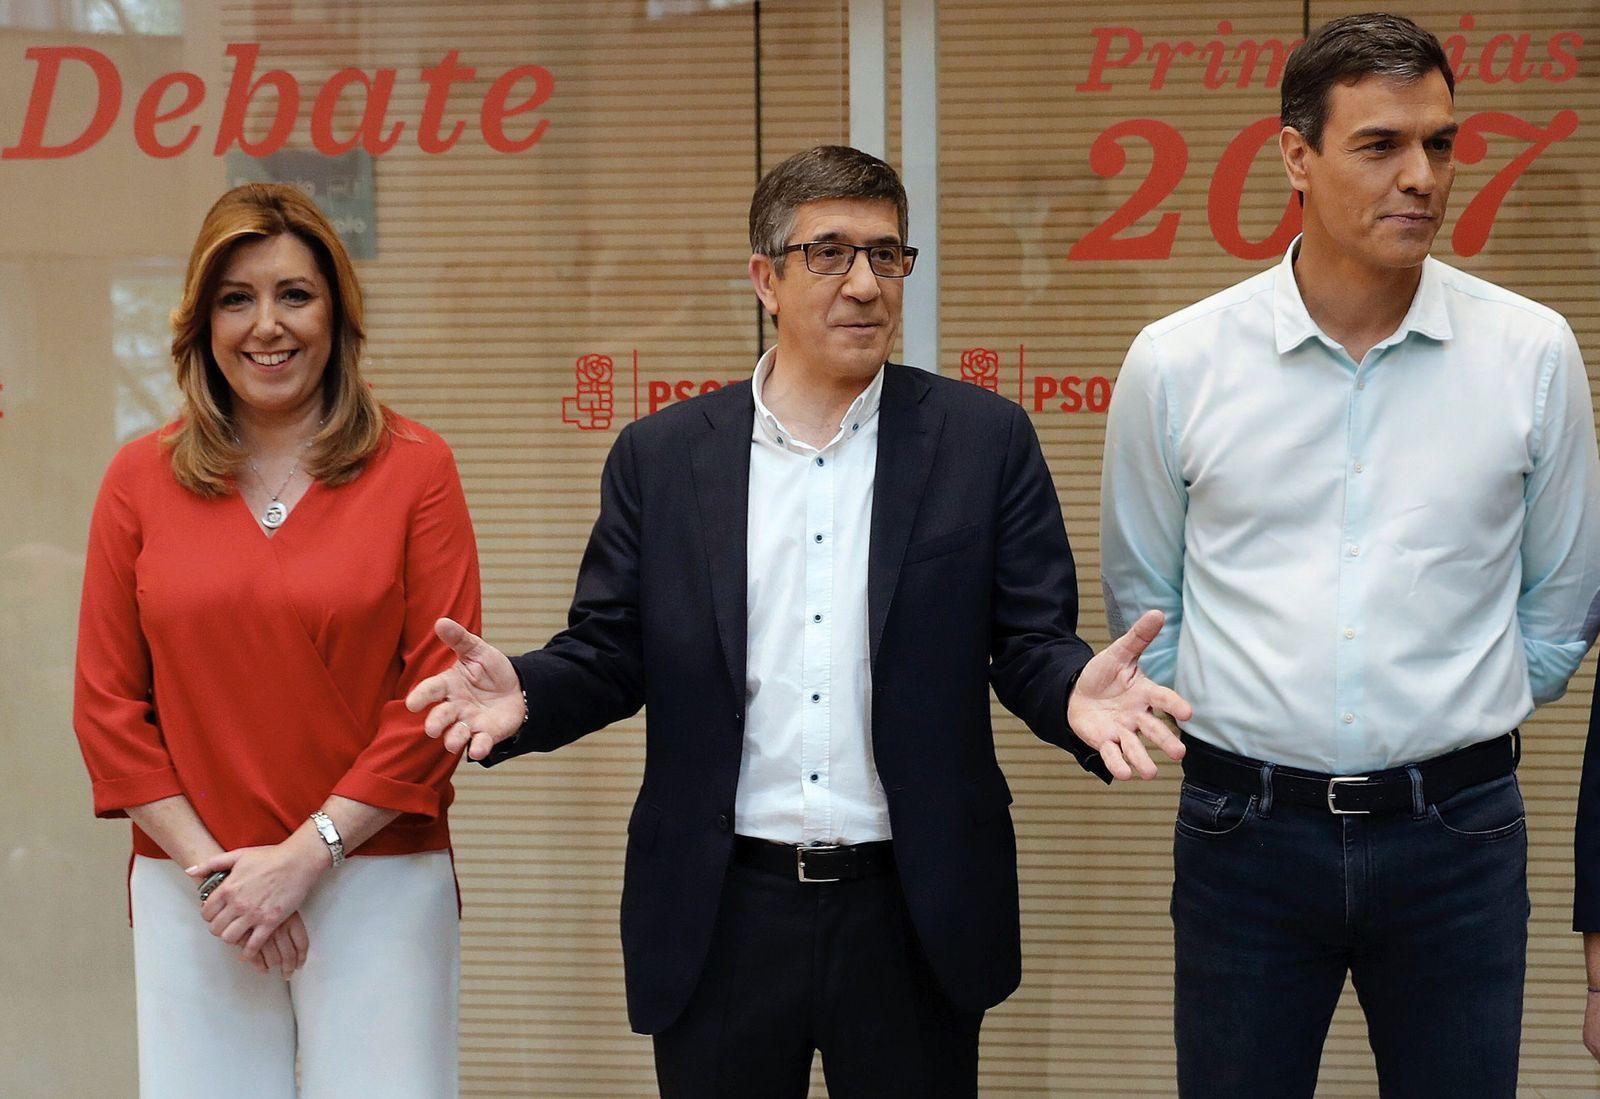 Foto: Susana Díaz, Patxi López y Pedro Sánchez, minutos antes de comenzar su debate a tres en Ferraz, este 15 de mayo. (EFE)